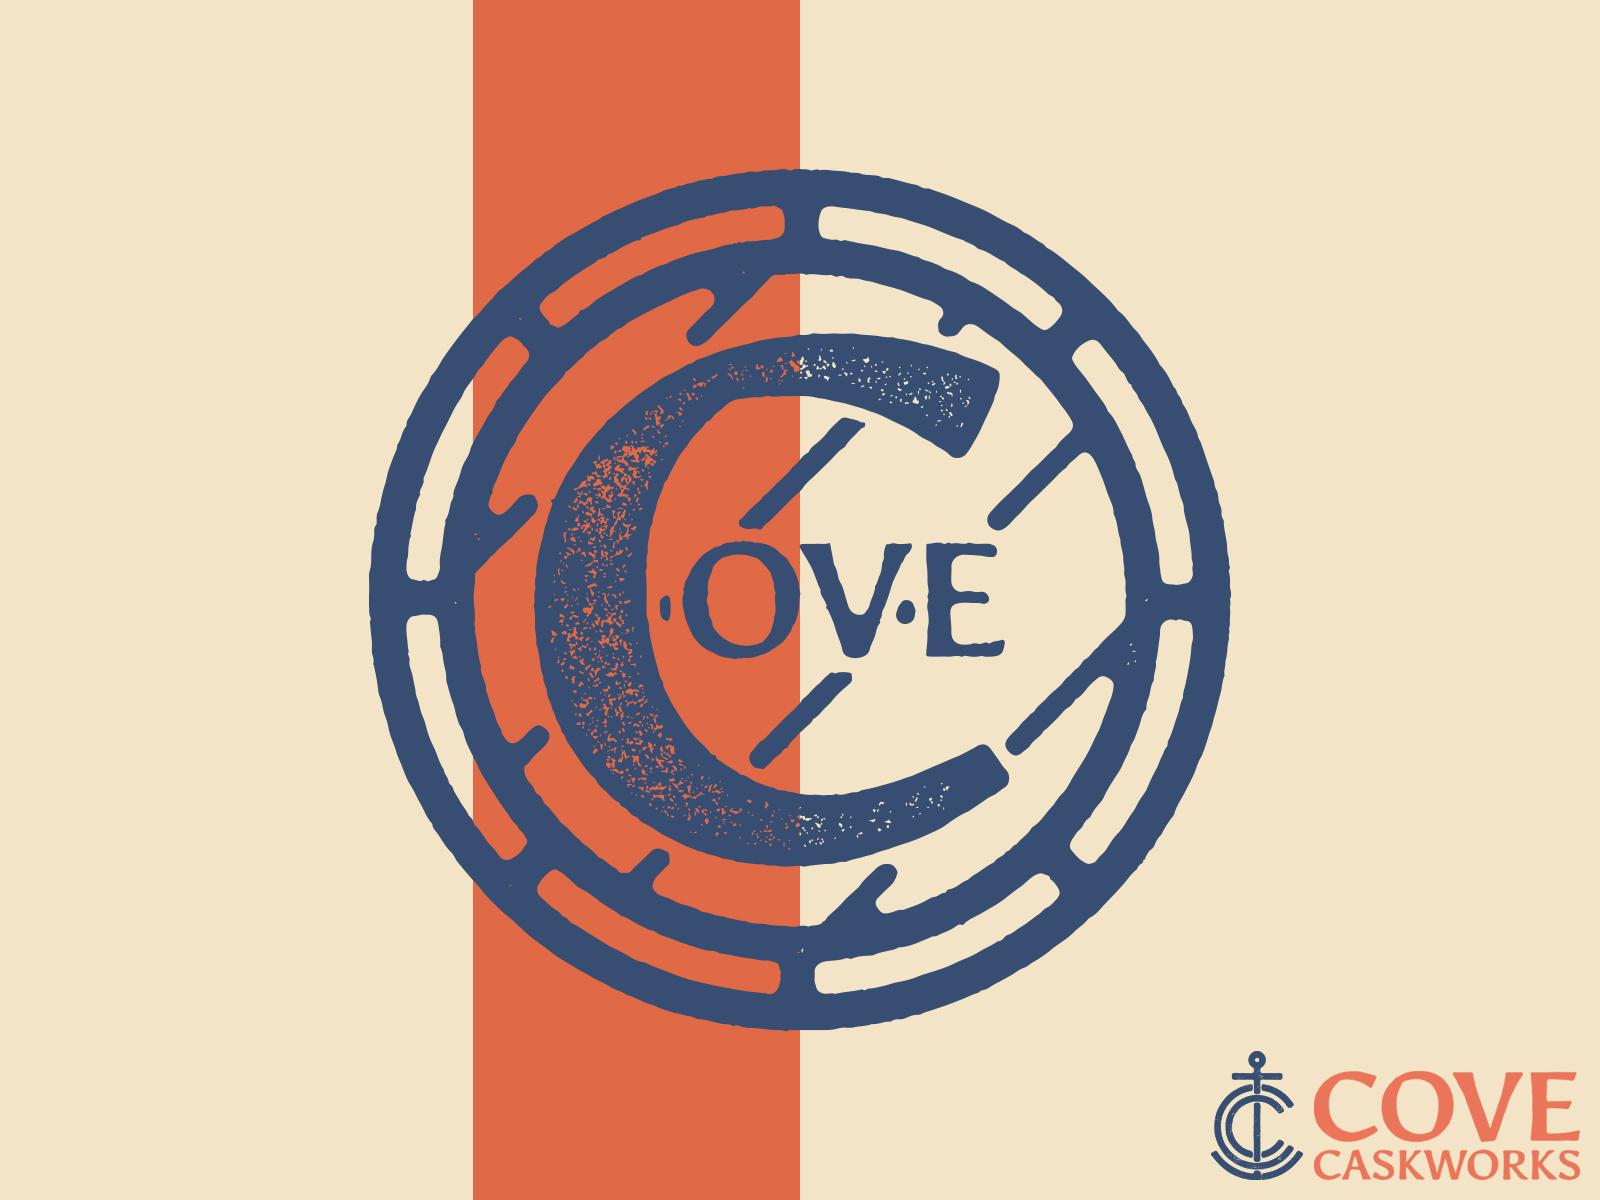 2010-02-19 – Cove – Barrel Mark